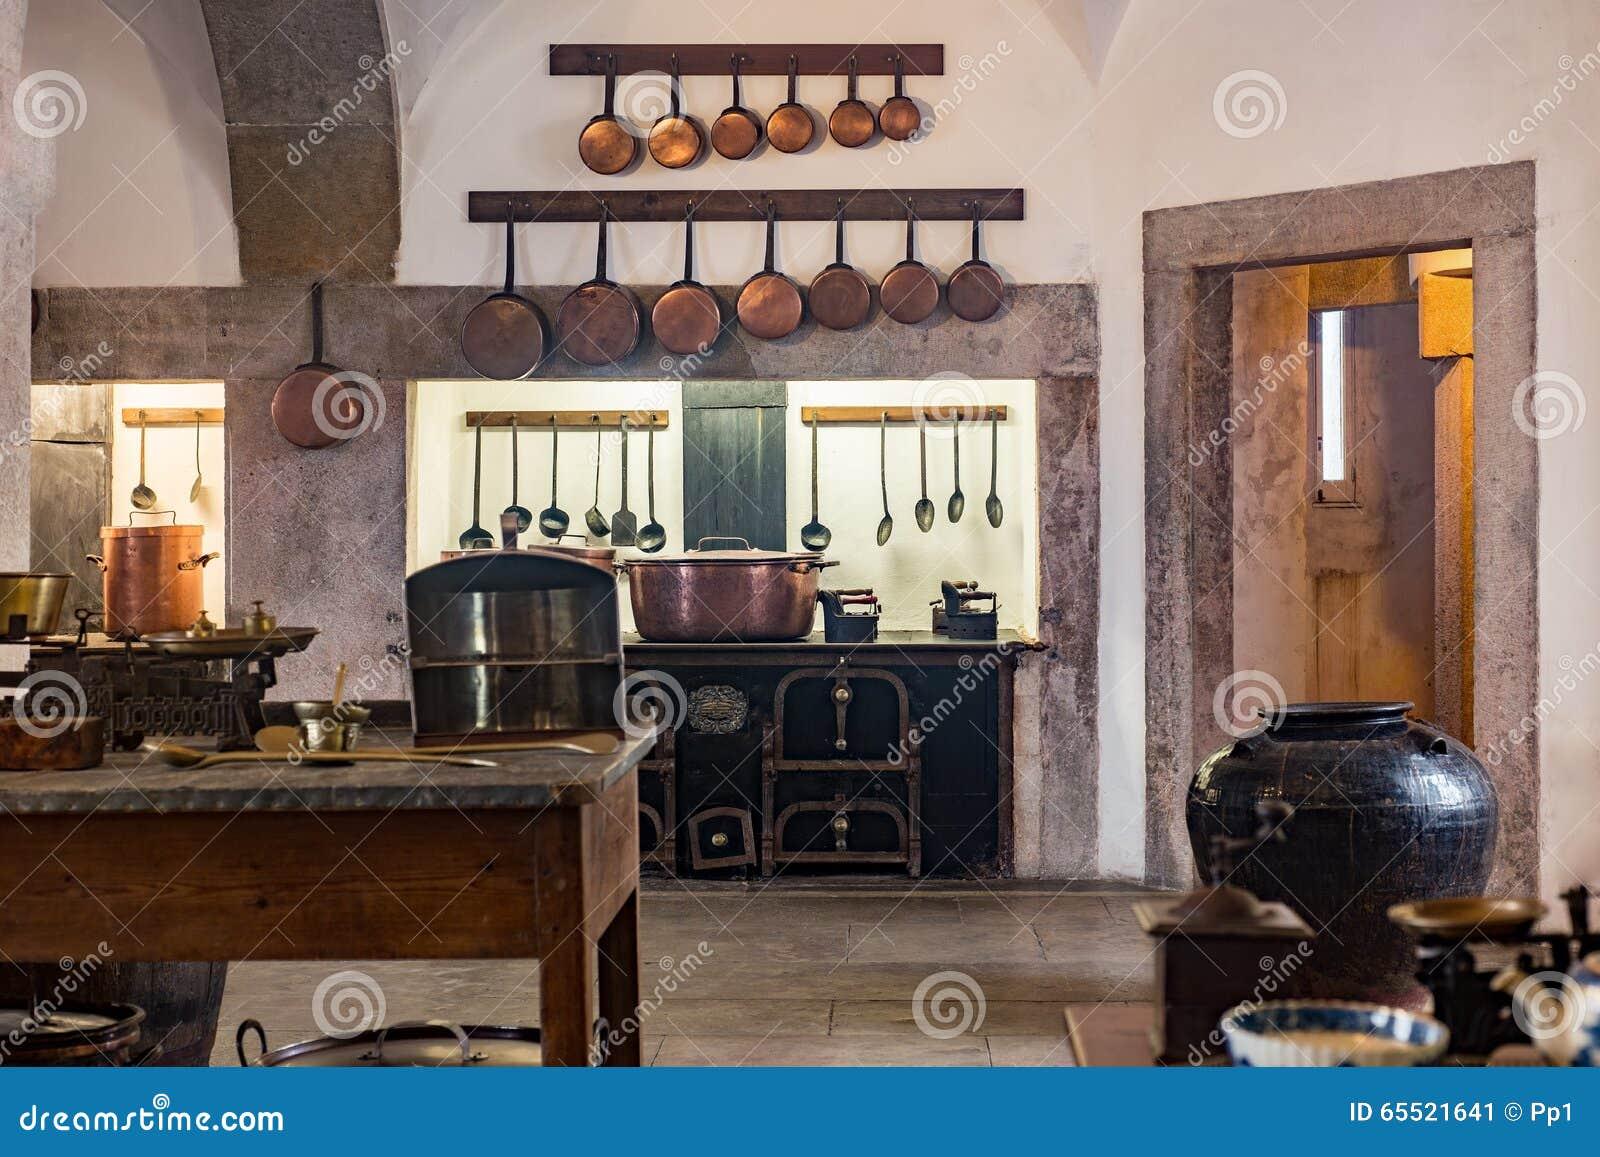 Vieille Cuisine Medievale De Chateau Avec L Equipement Image Stock